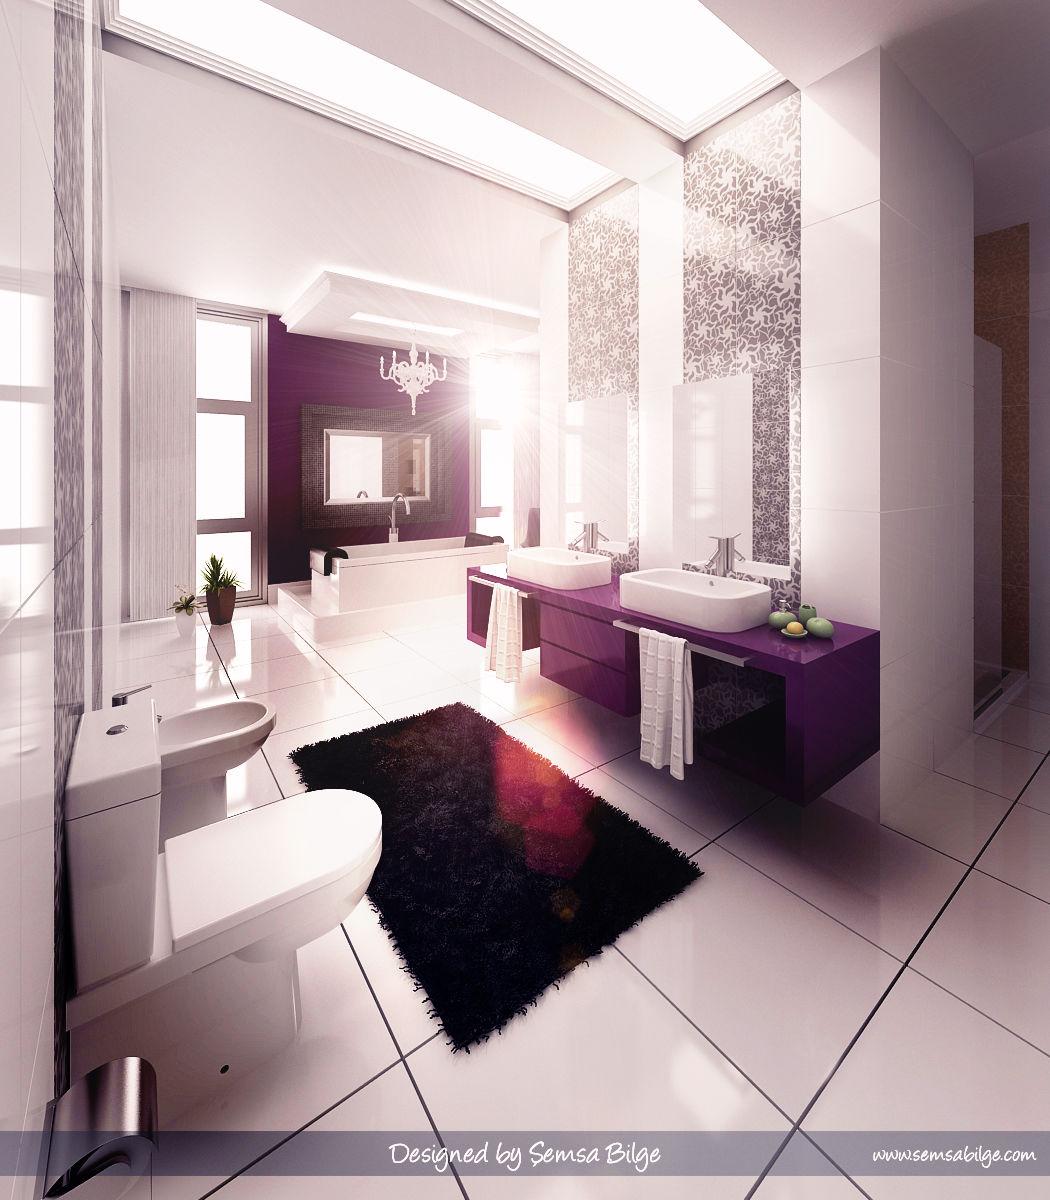 amazing plum bathroom accessories picture-Cool Plum Bathroom Accessories Image